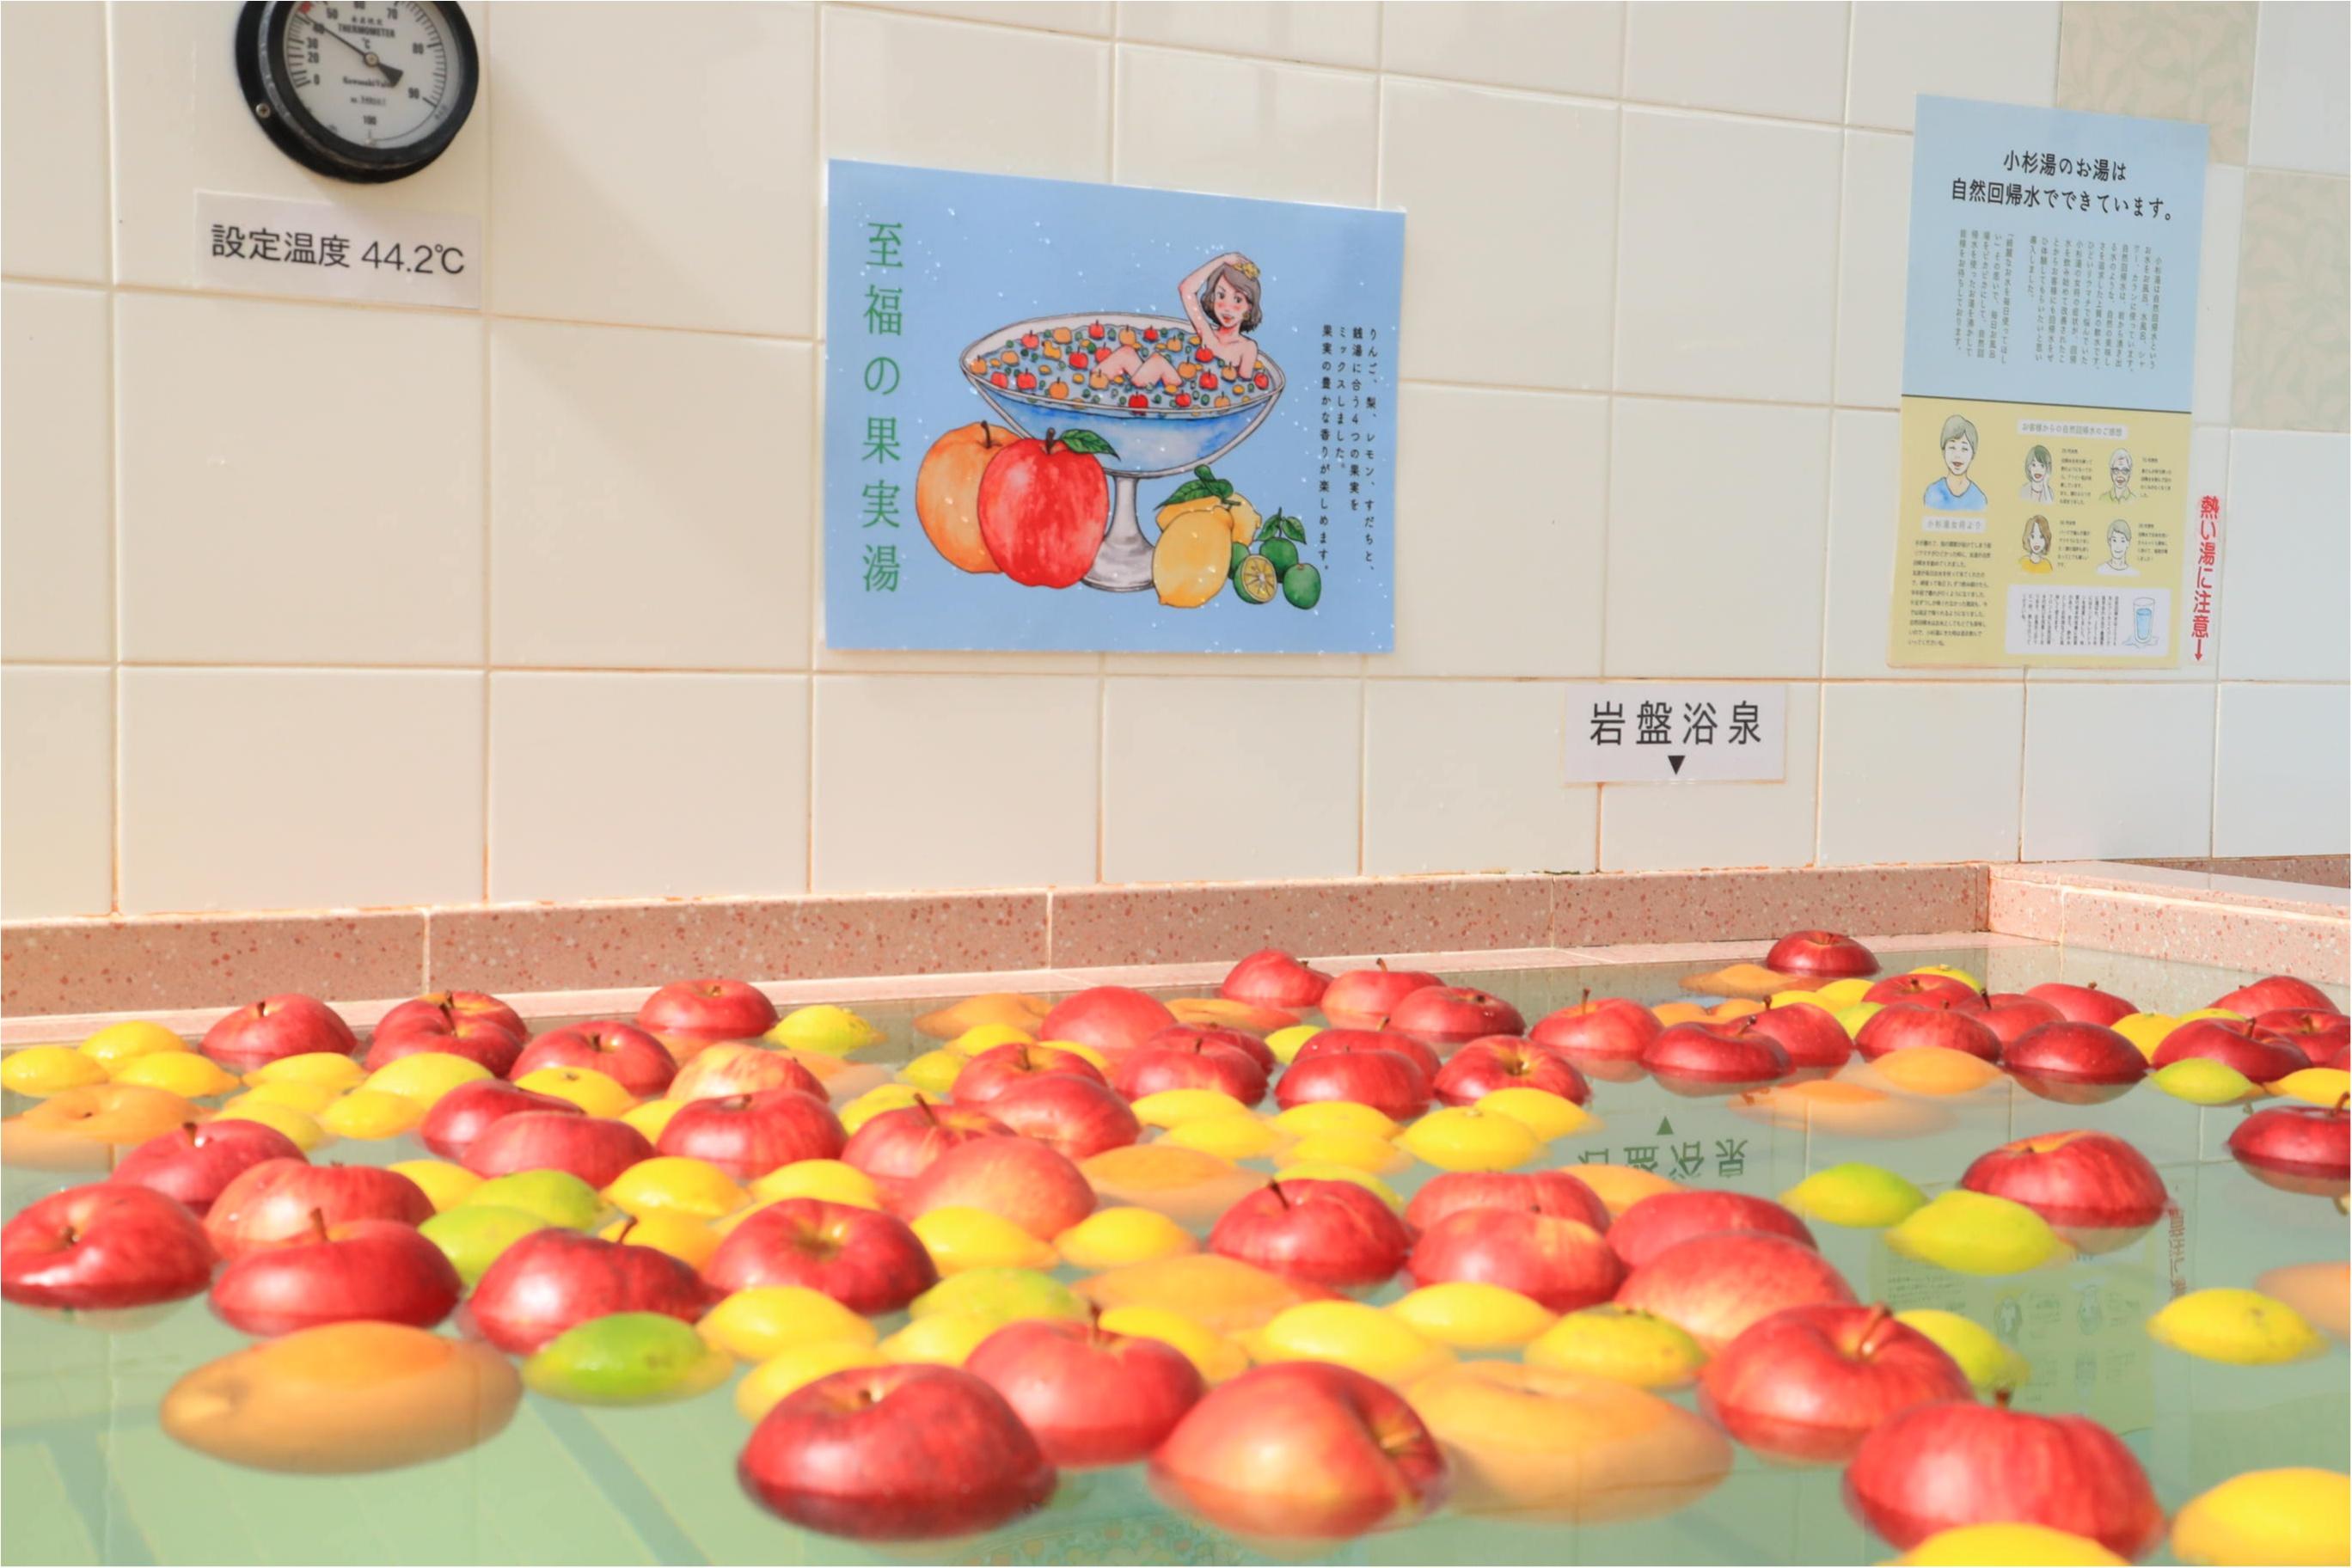 果実風呂にバラ風呂まで!? 高円寺の『小杉湯』が10/15(日)まで『至福のひととき湯』に変身中♡_1_3